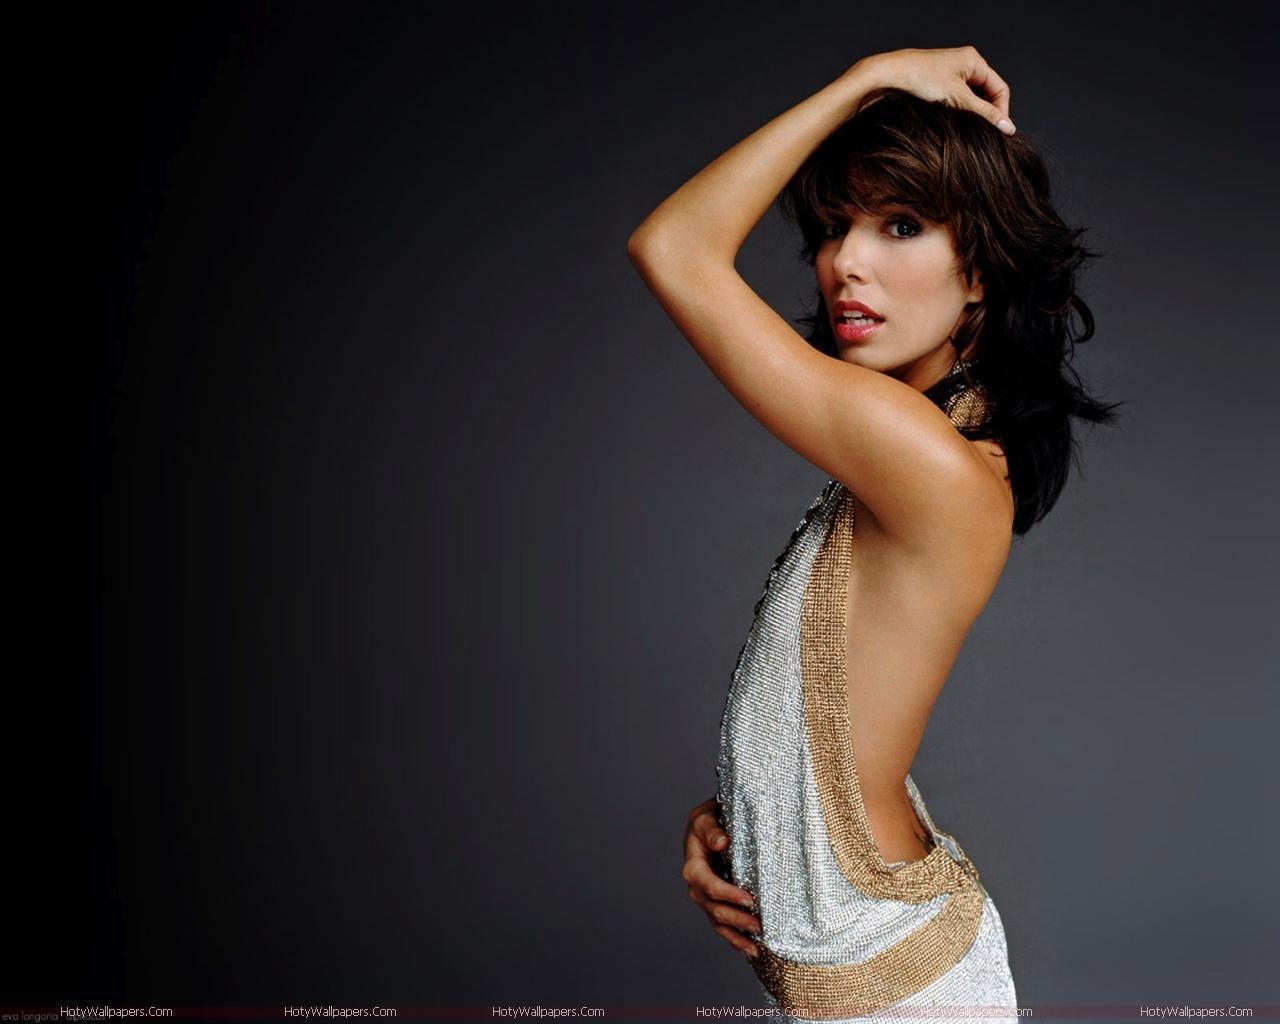 http://3.bp.blogspot.com/-C5tO4j_9Mc4/TlivYw892MI/AAAAAAAAJ6Q/nGGn24IO_0g/s1600/hollywood-actress-Eva-Longoria_hd-wallpaper.jpg